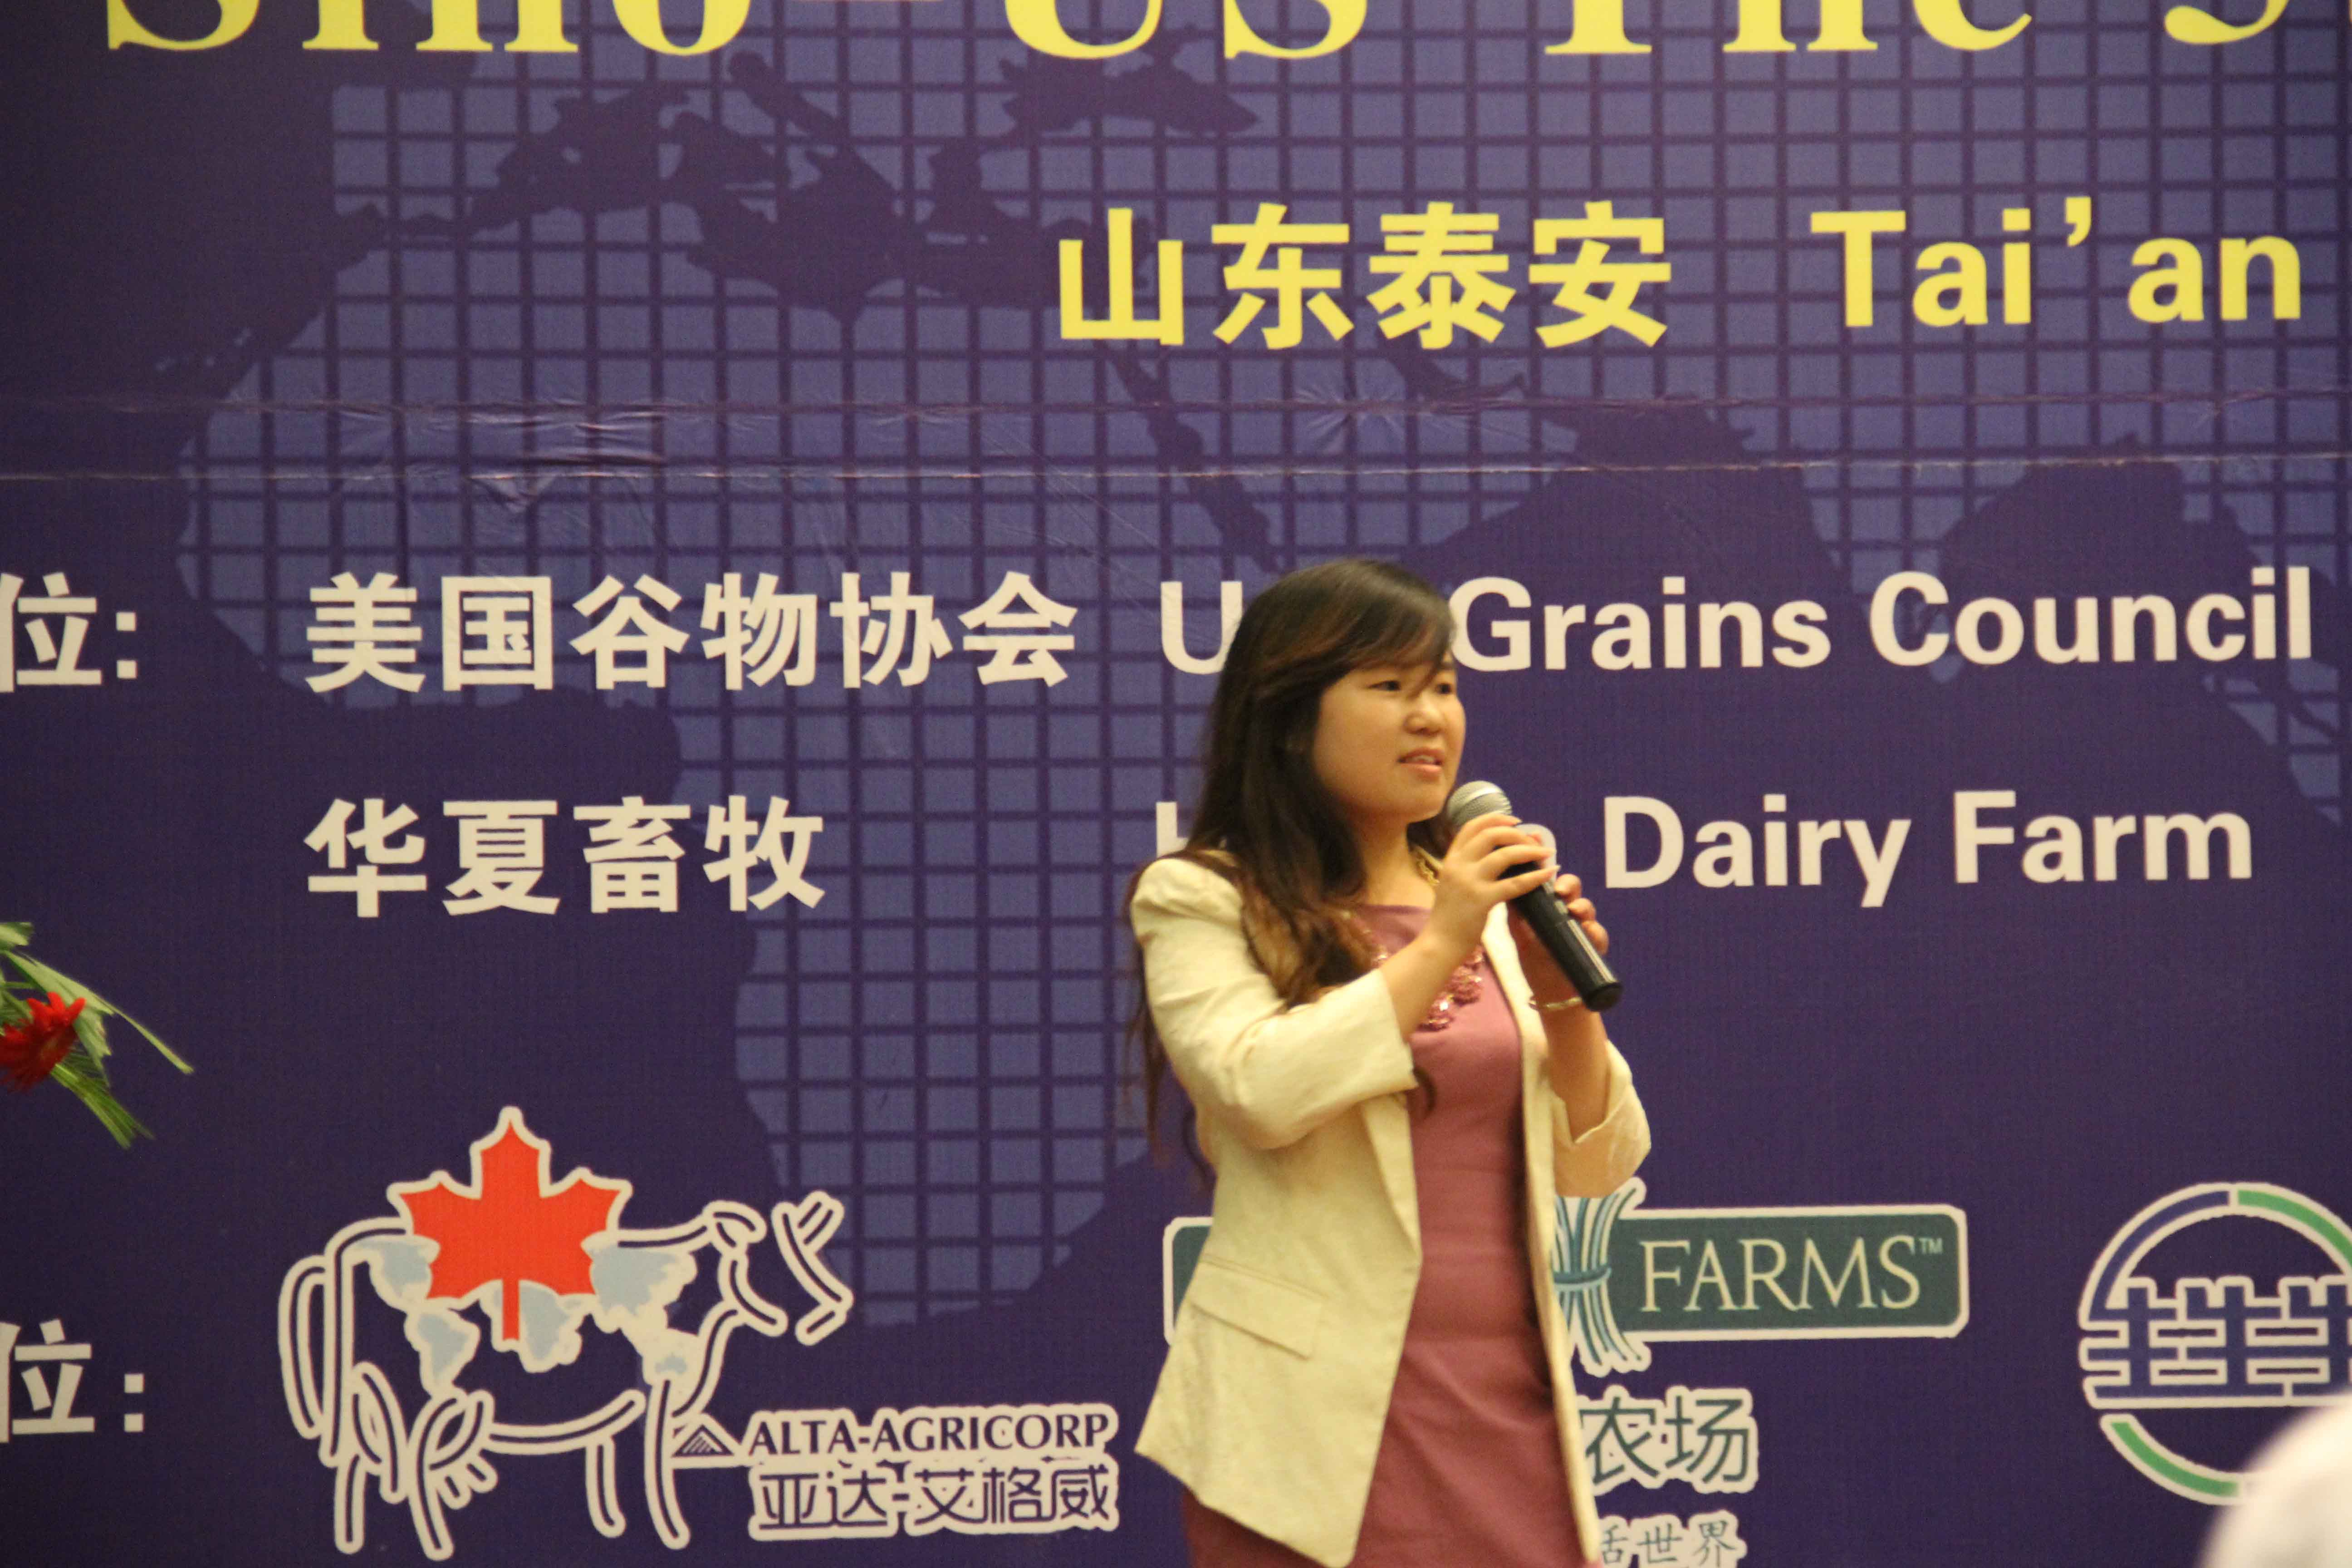 9谷物协会奶牛项目经理 刘容主持会议